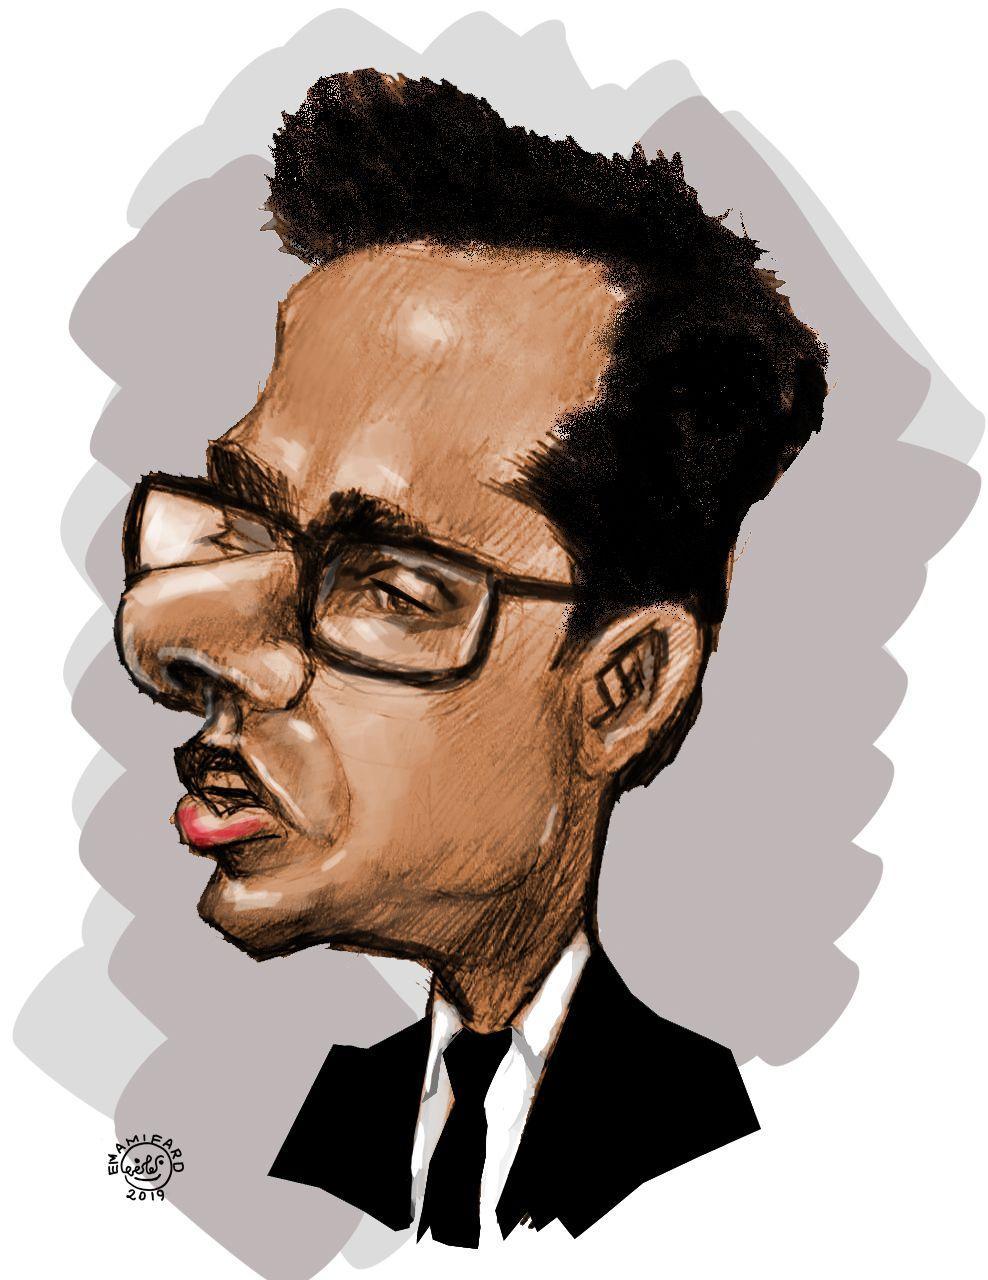 کاریکاتور مهندس محمد میرزاعلی مدرس دوره های نظام مهندسی نقشه برداری